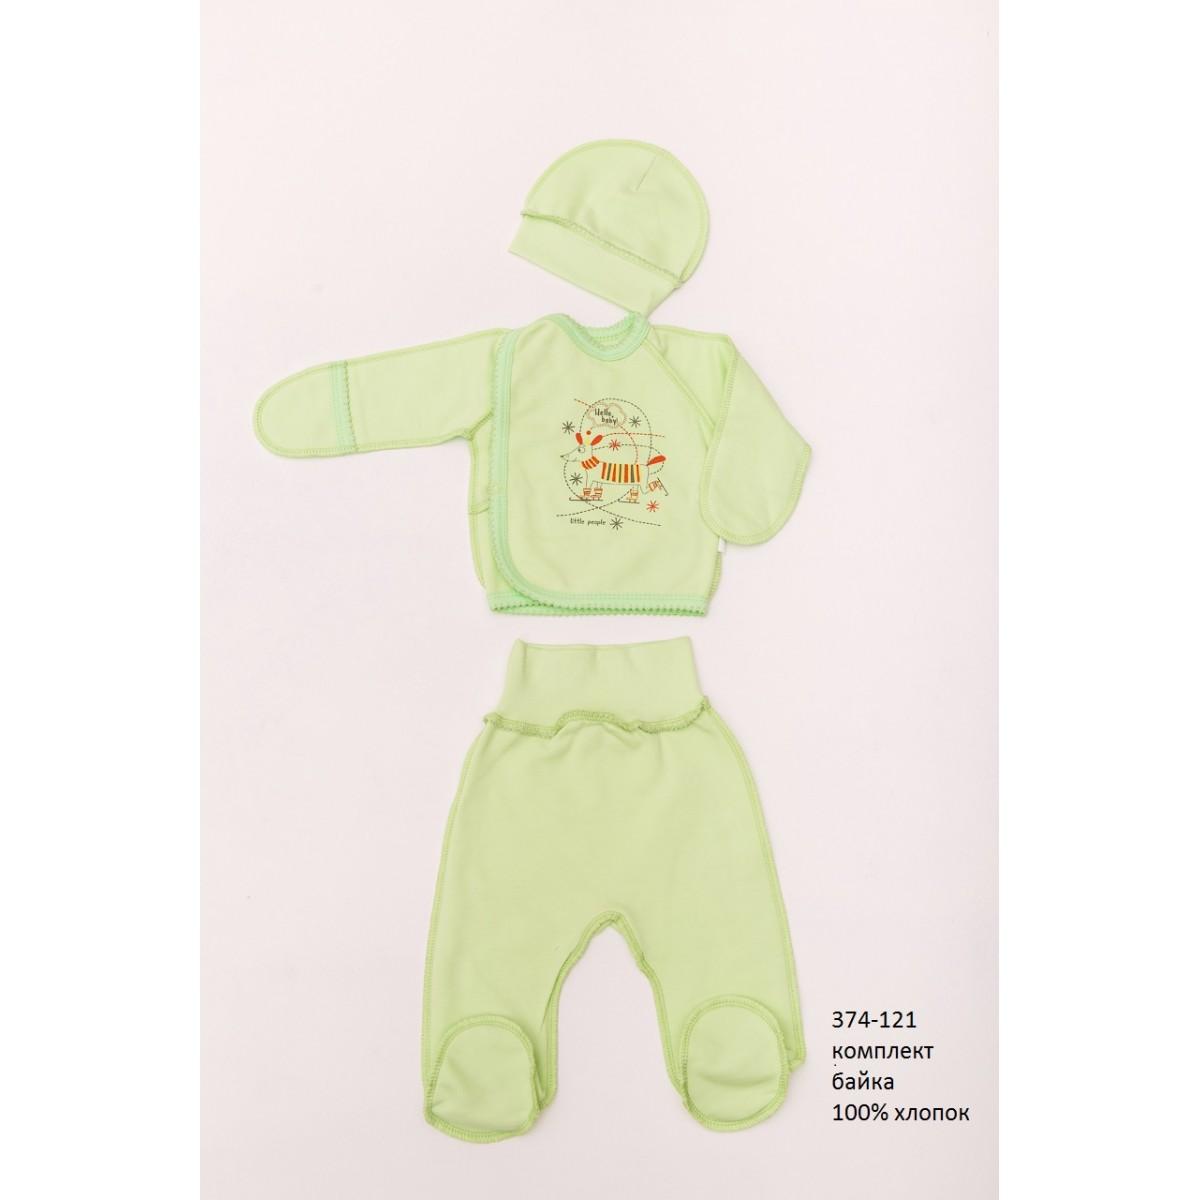 Детская пижама для девочек (мальчиков) OBABY (374-121). Купить ... ab27810d4f72c